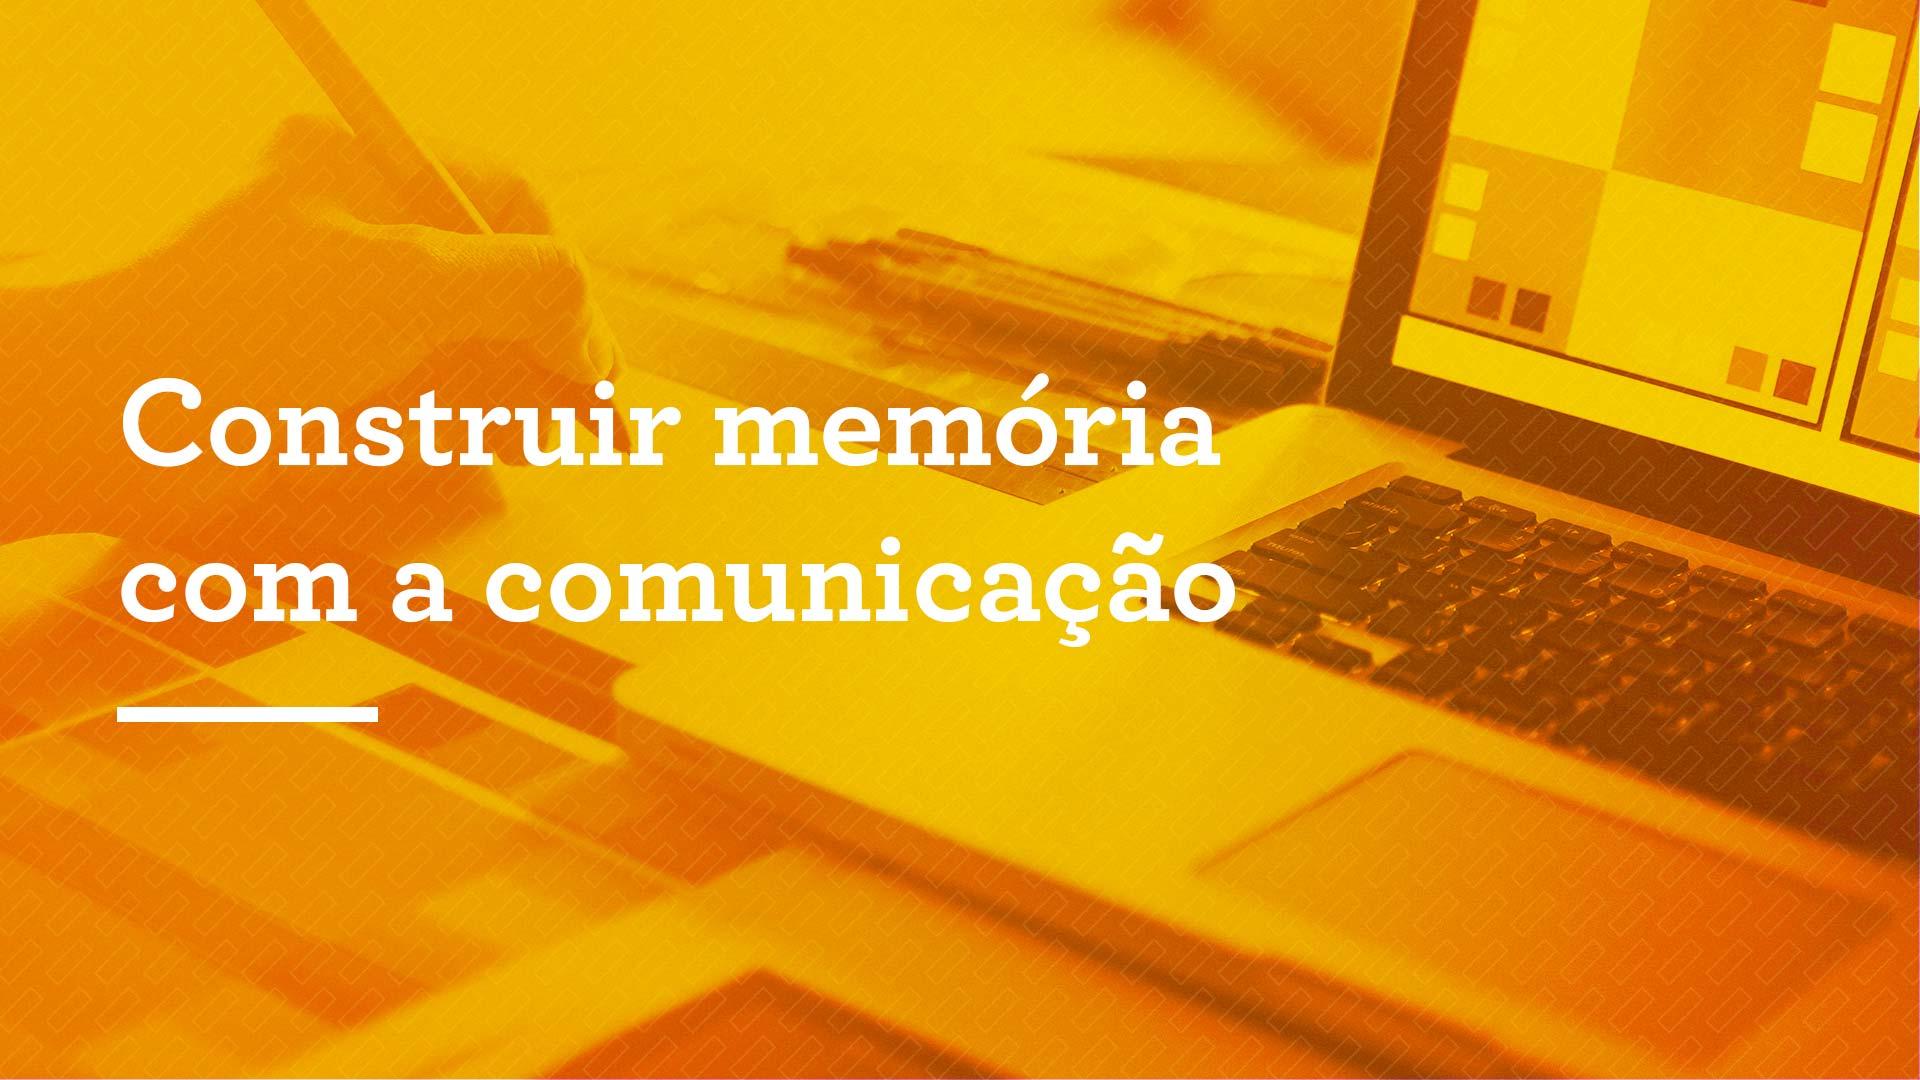 Construir memória com a comunicação